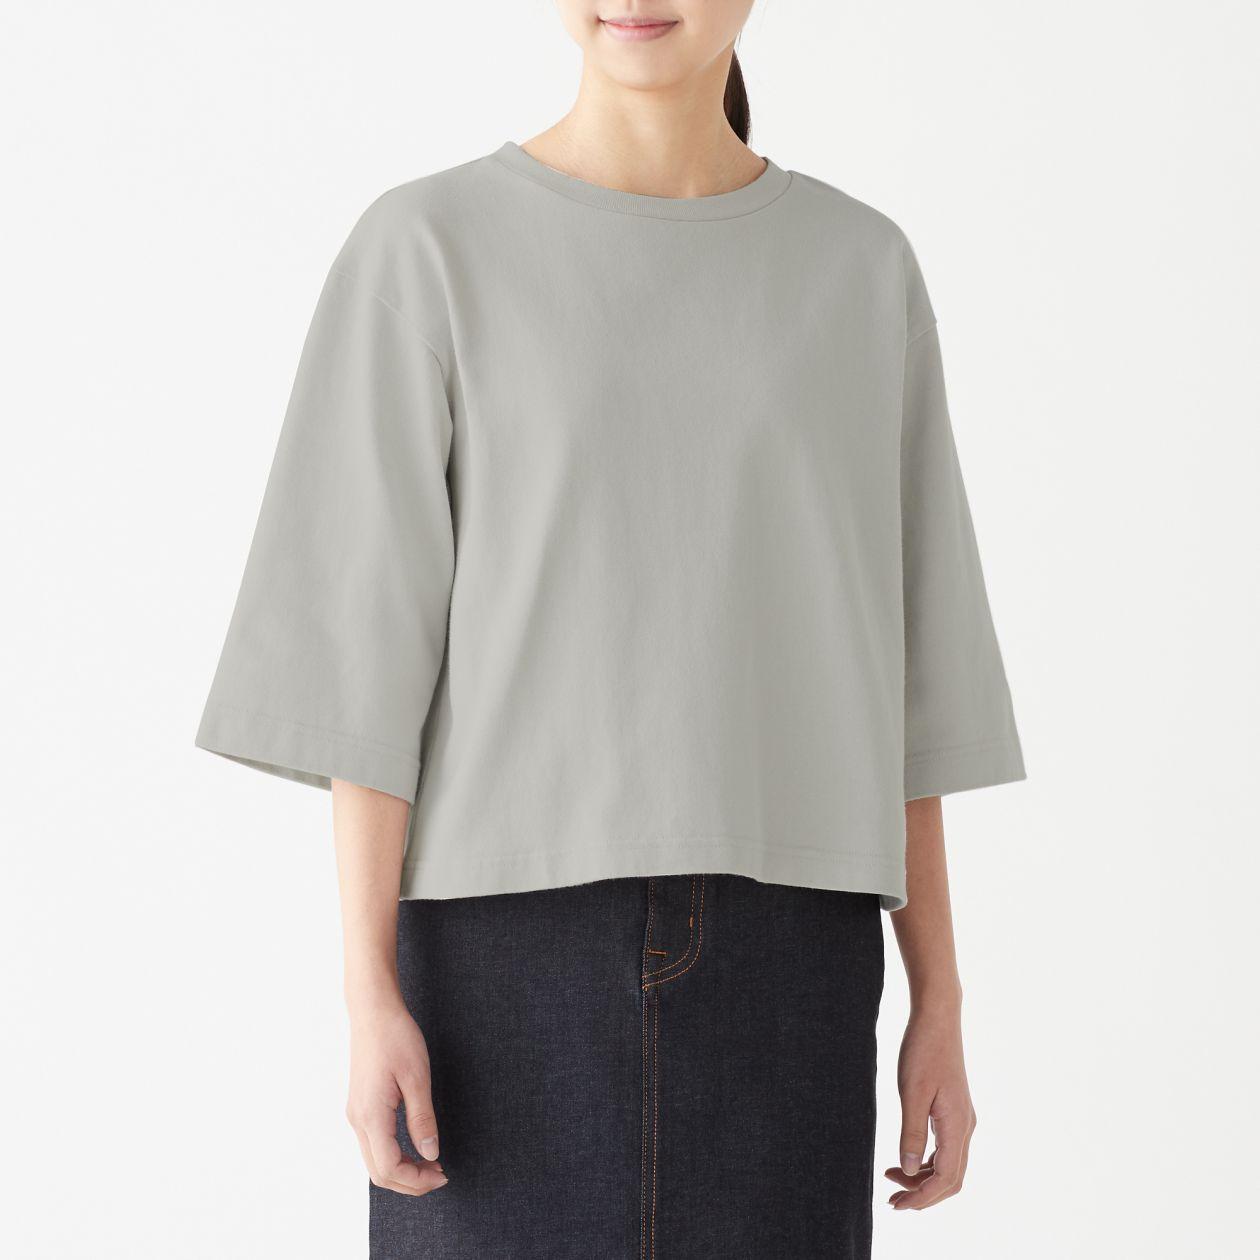 太番手天竺編みワイドスリーブTシャツ(七分袖)